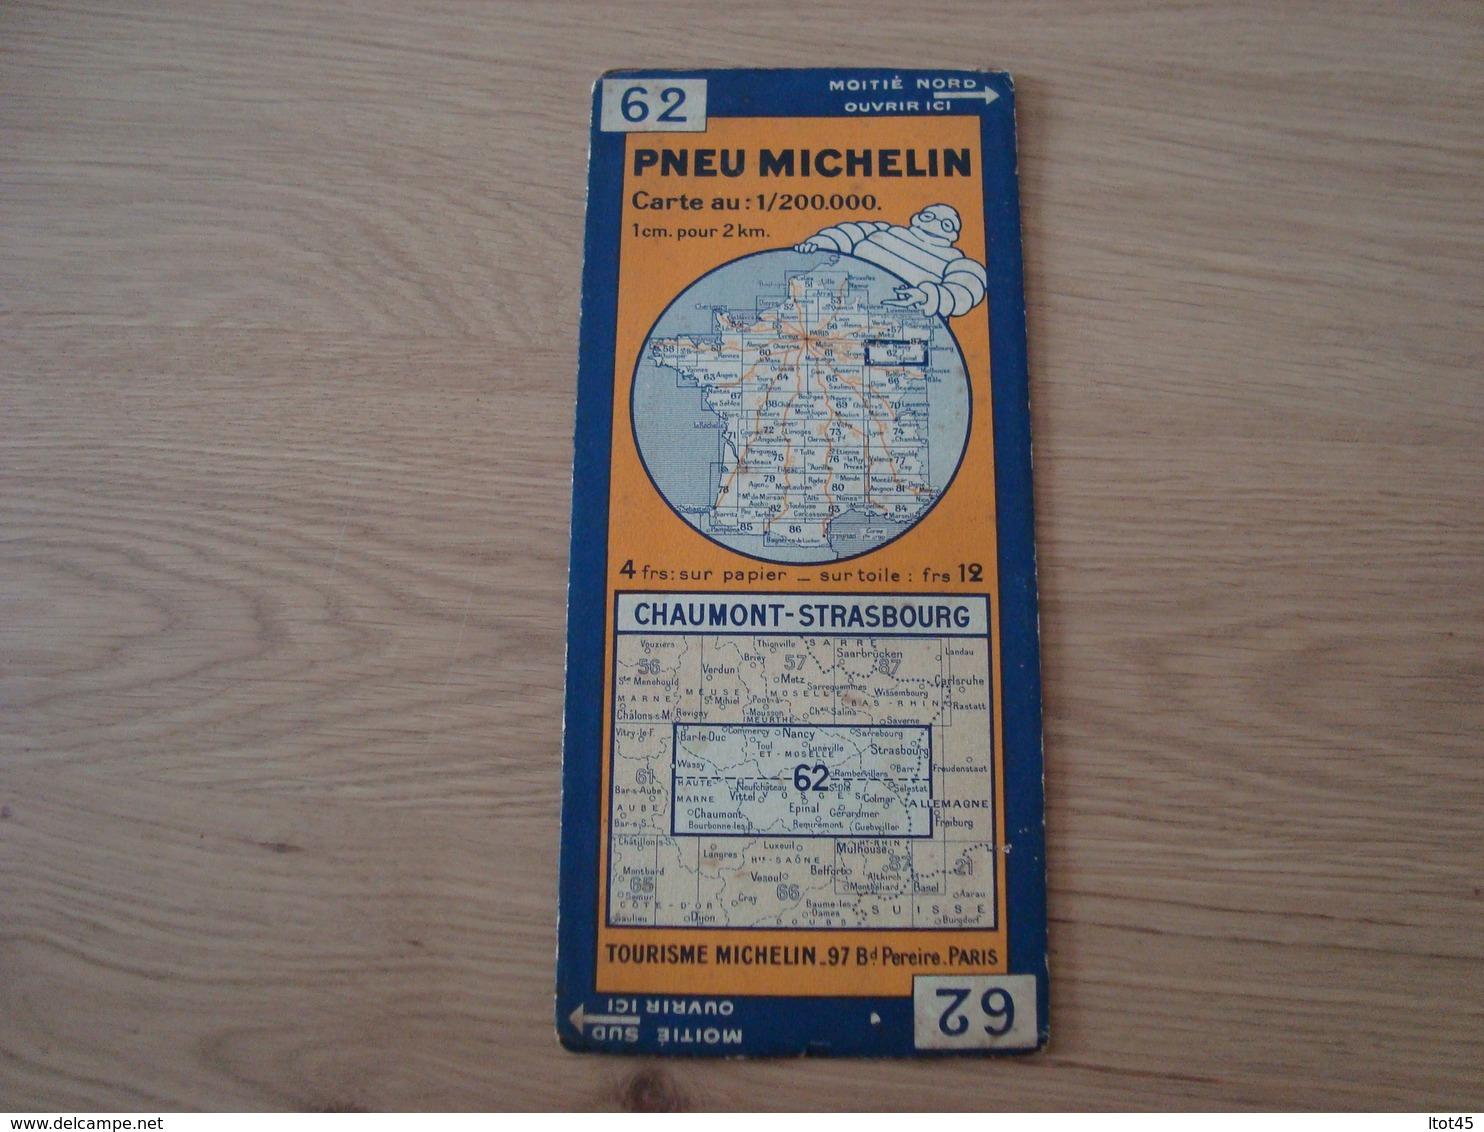 CARTE ROUTIERE MICHELIN N°62 CHAUMONT- STRASBOURG - Cartes Routières